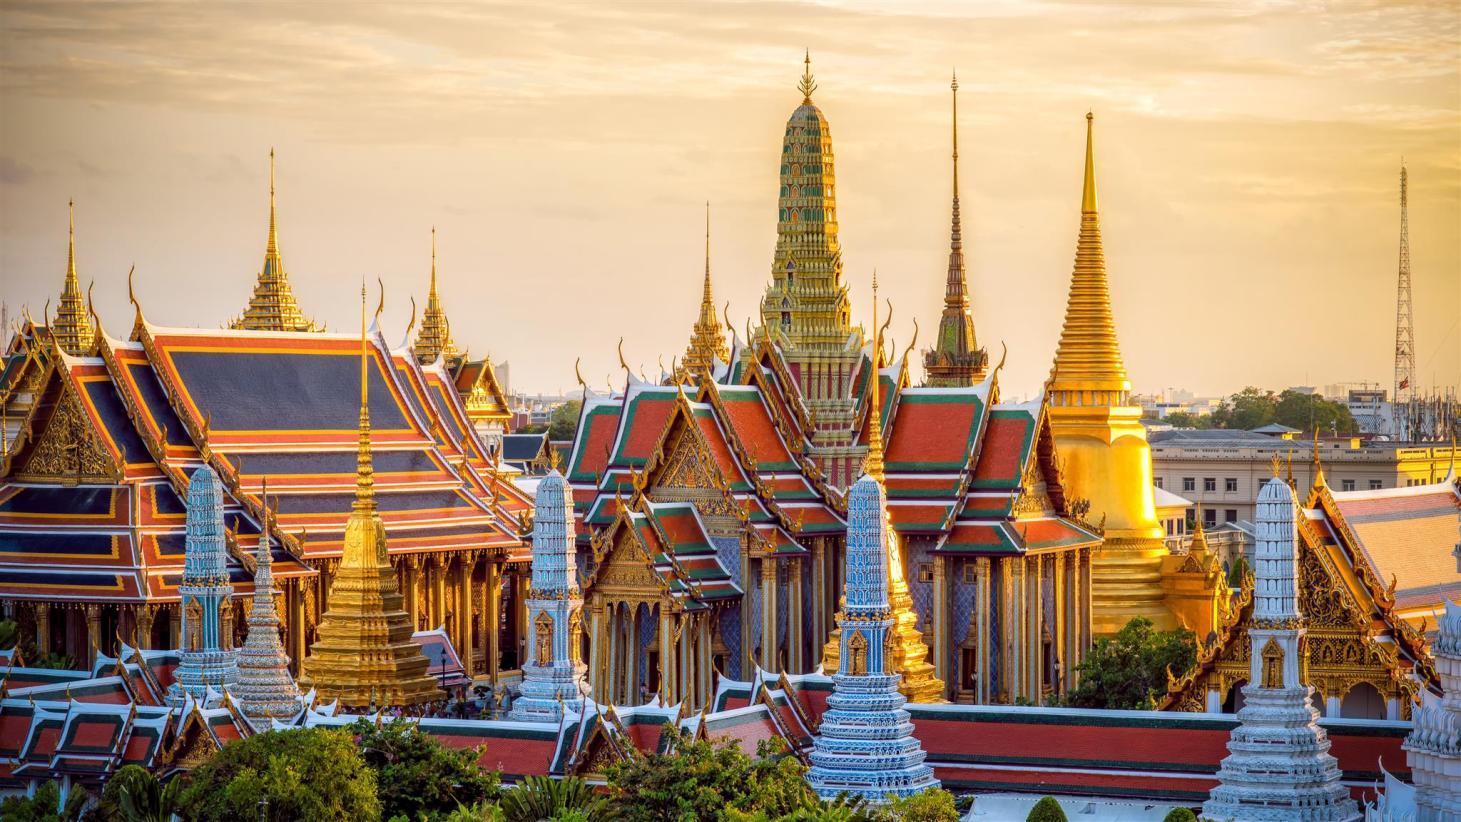 タイ 正式 名称 タイ王国の概要 【公式】タイ国政府観光庁